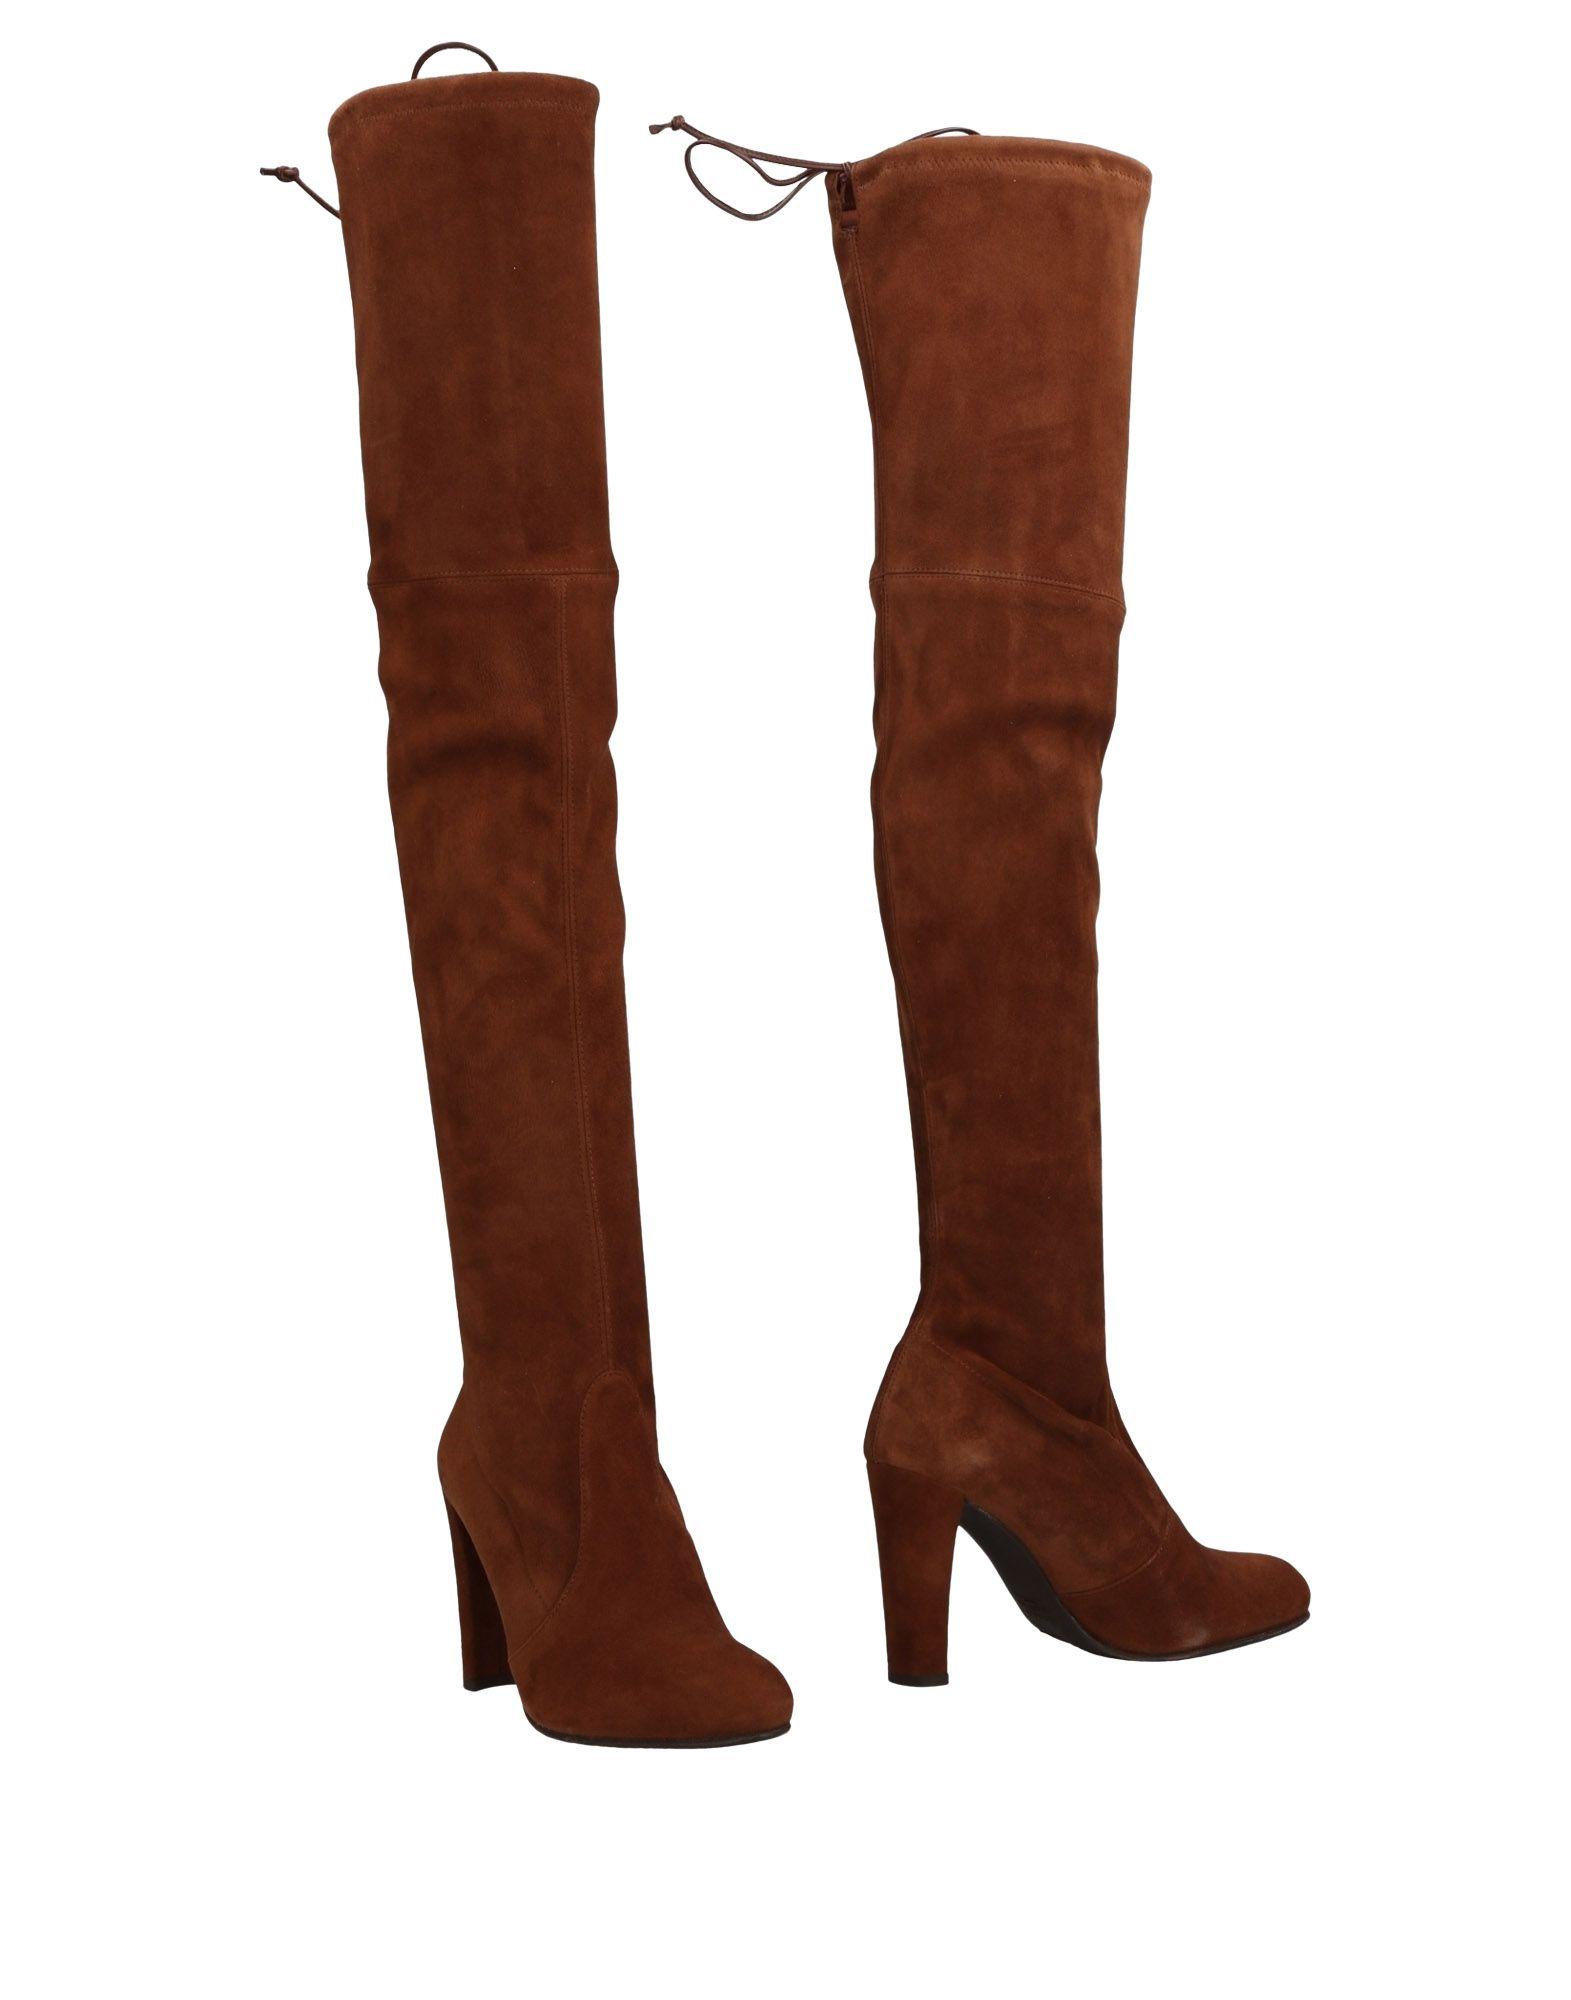 Stuart Weitzman Stiefel Damen  11493543VUGünstige gut aussehende Schuhe